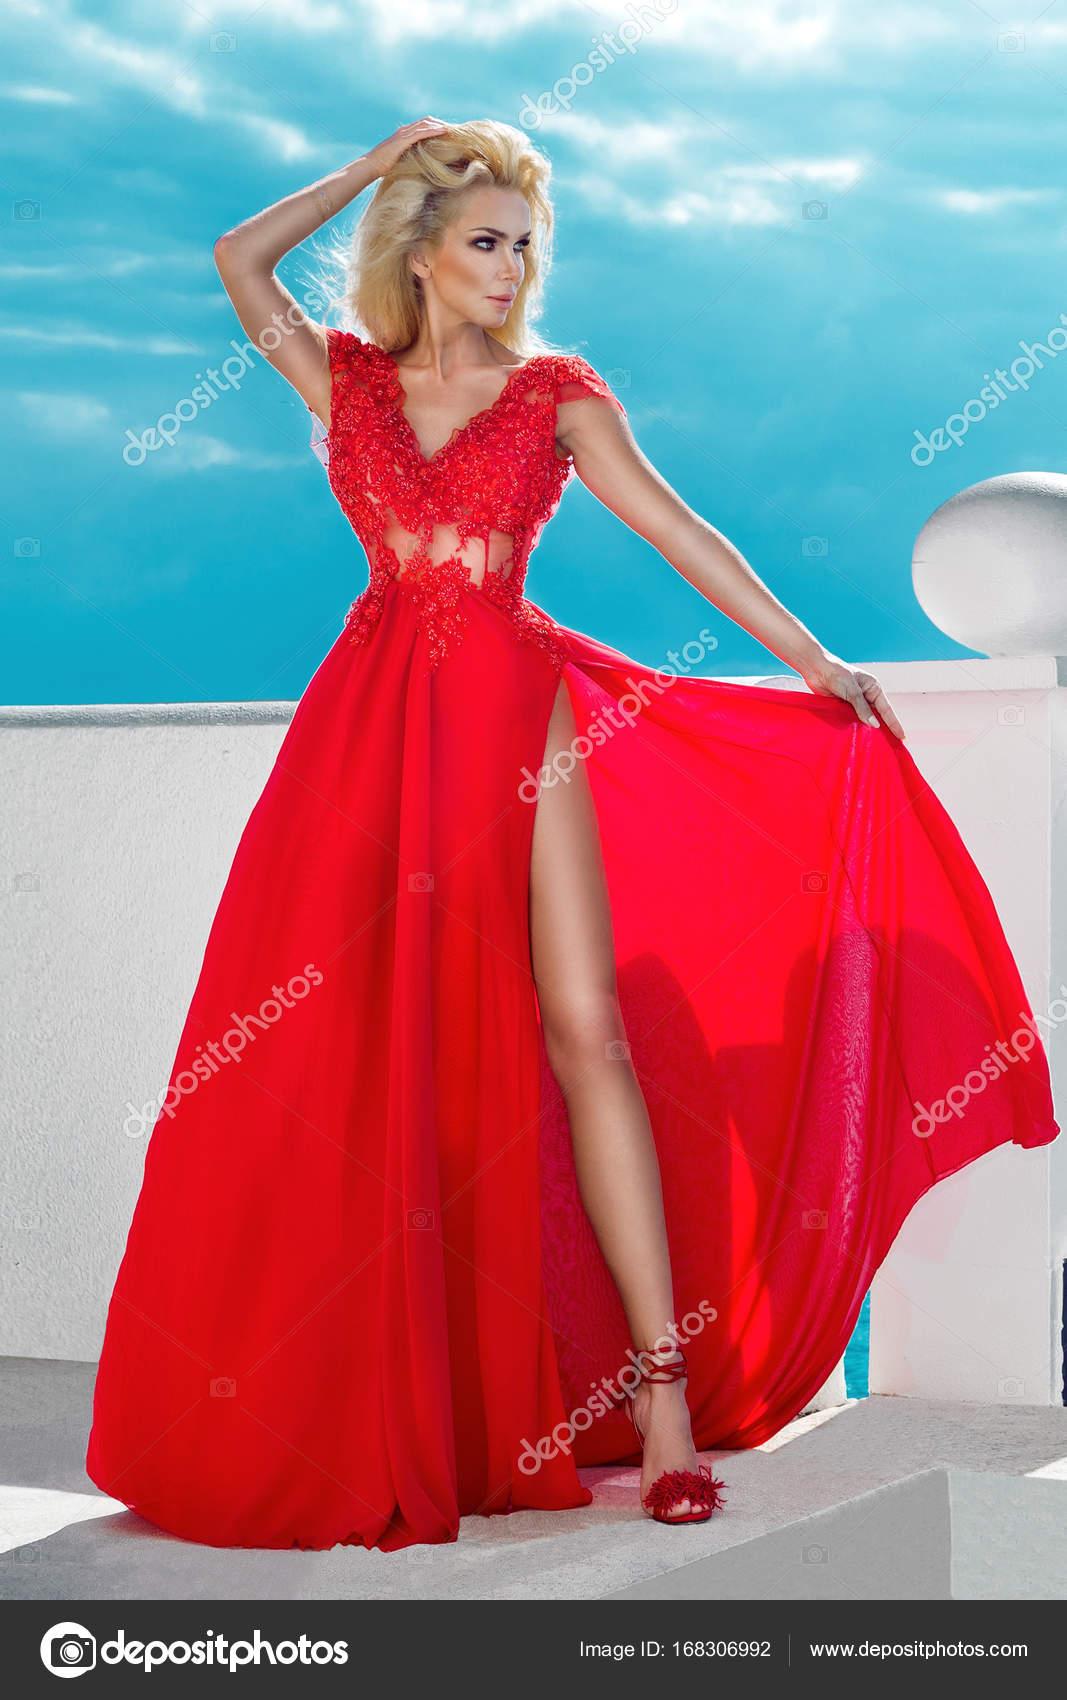 ce82e17cf7 Szexi modell rajta, egy hosszú, piros, estélyi ruha, állandó, a medence és  a luxus szálloda, és a háttérben van egy csodálatos, Nézd — Fotó szerzőtől  ...